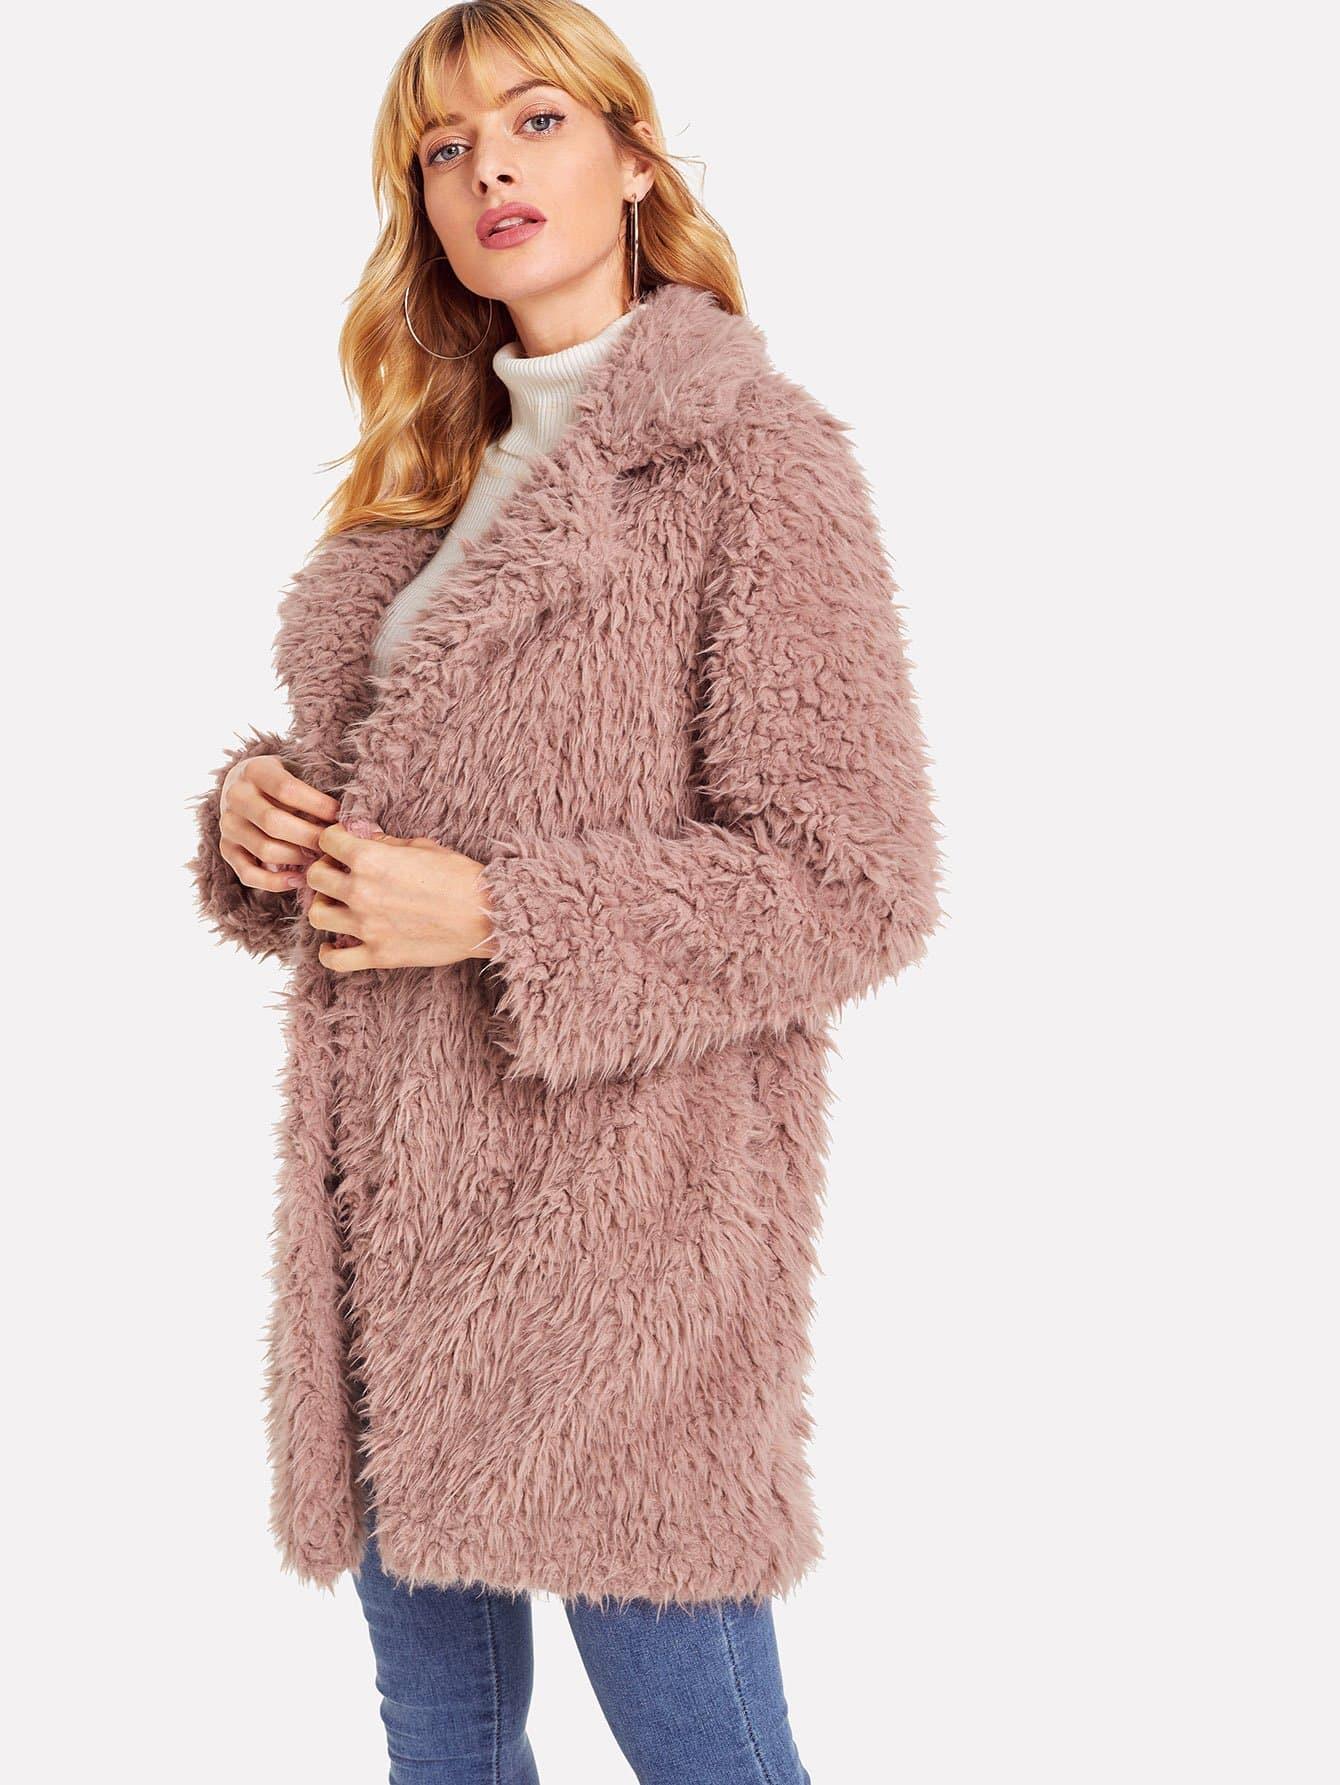 Купить Открытой передней тедди пальто из искусственного меха, Masha, SheIn